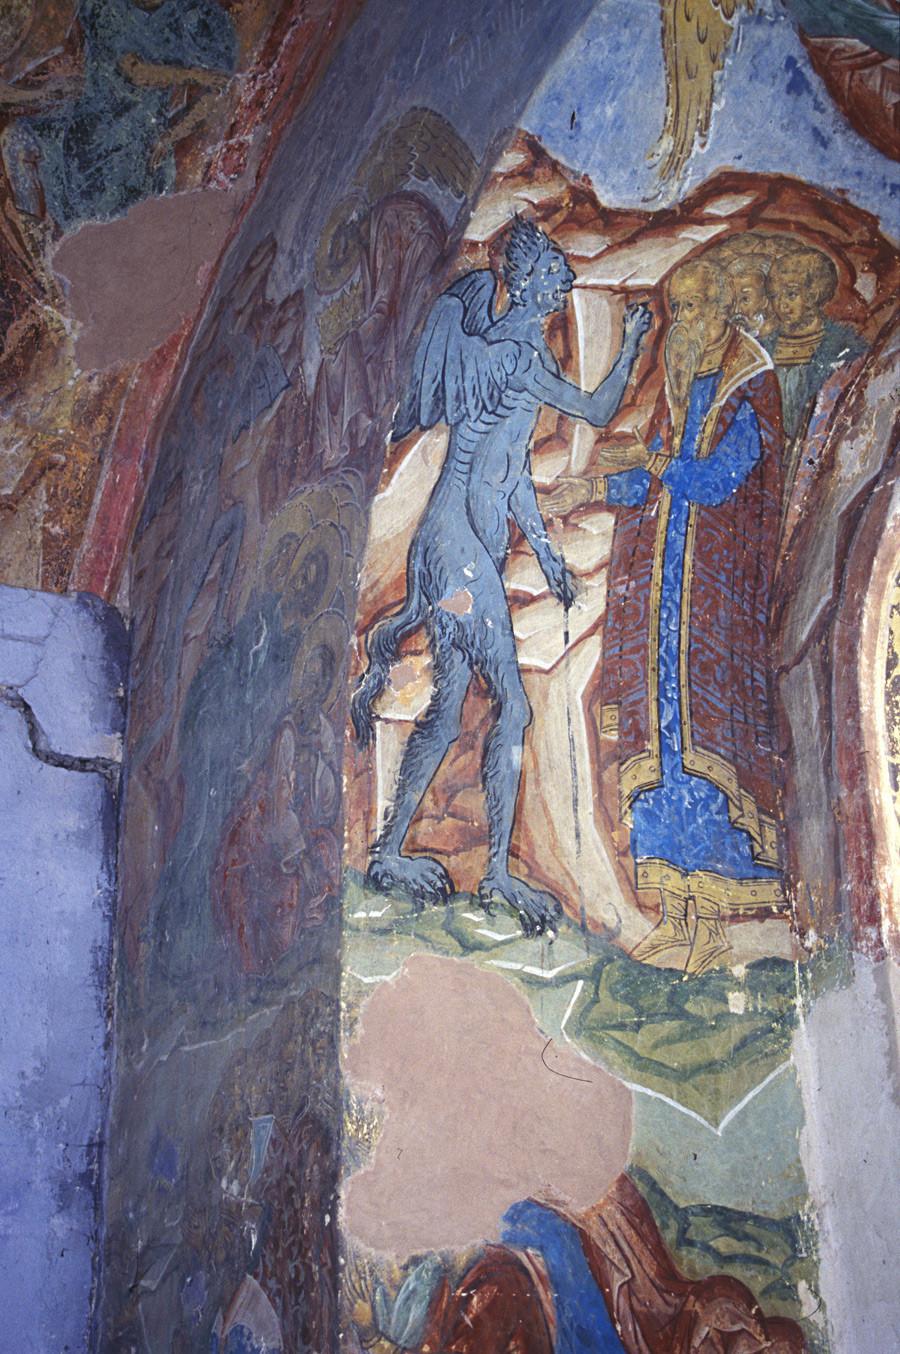 Monastère Saint-Cyrille-Belozersk.Cathédrale de la Dormition, galerie nord. Embrasure d'une fenêtre du mur nord où l'on voit le diable apposer la marque de l'antéchrist sur le front de ses adeptes